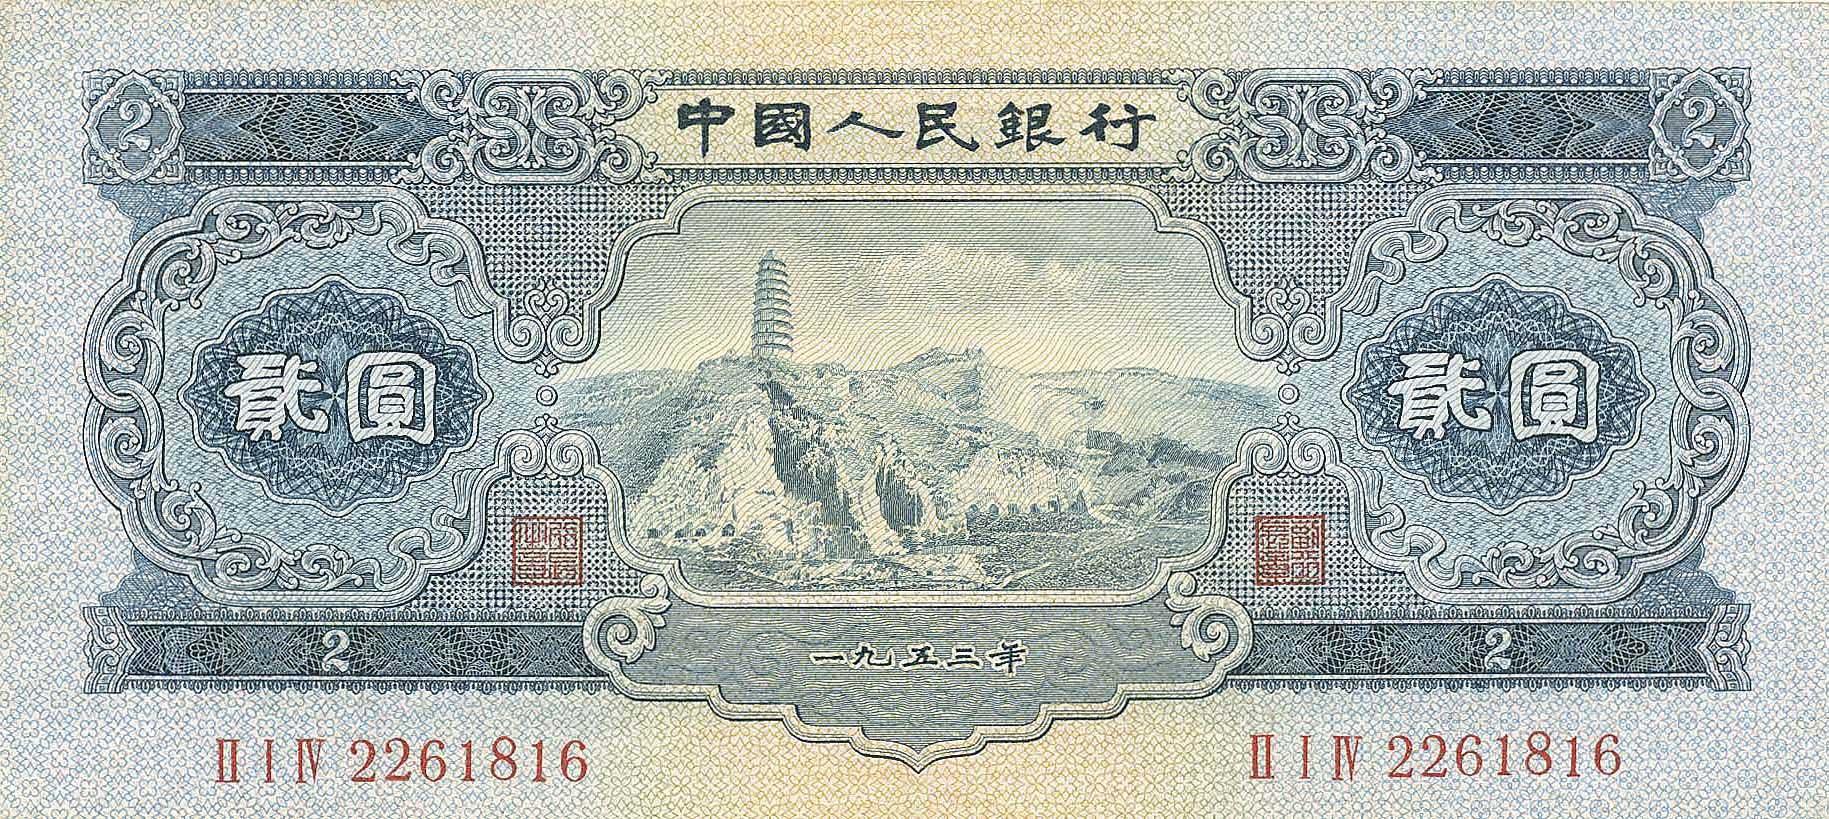 CHN-0867-a